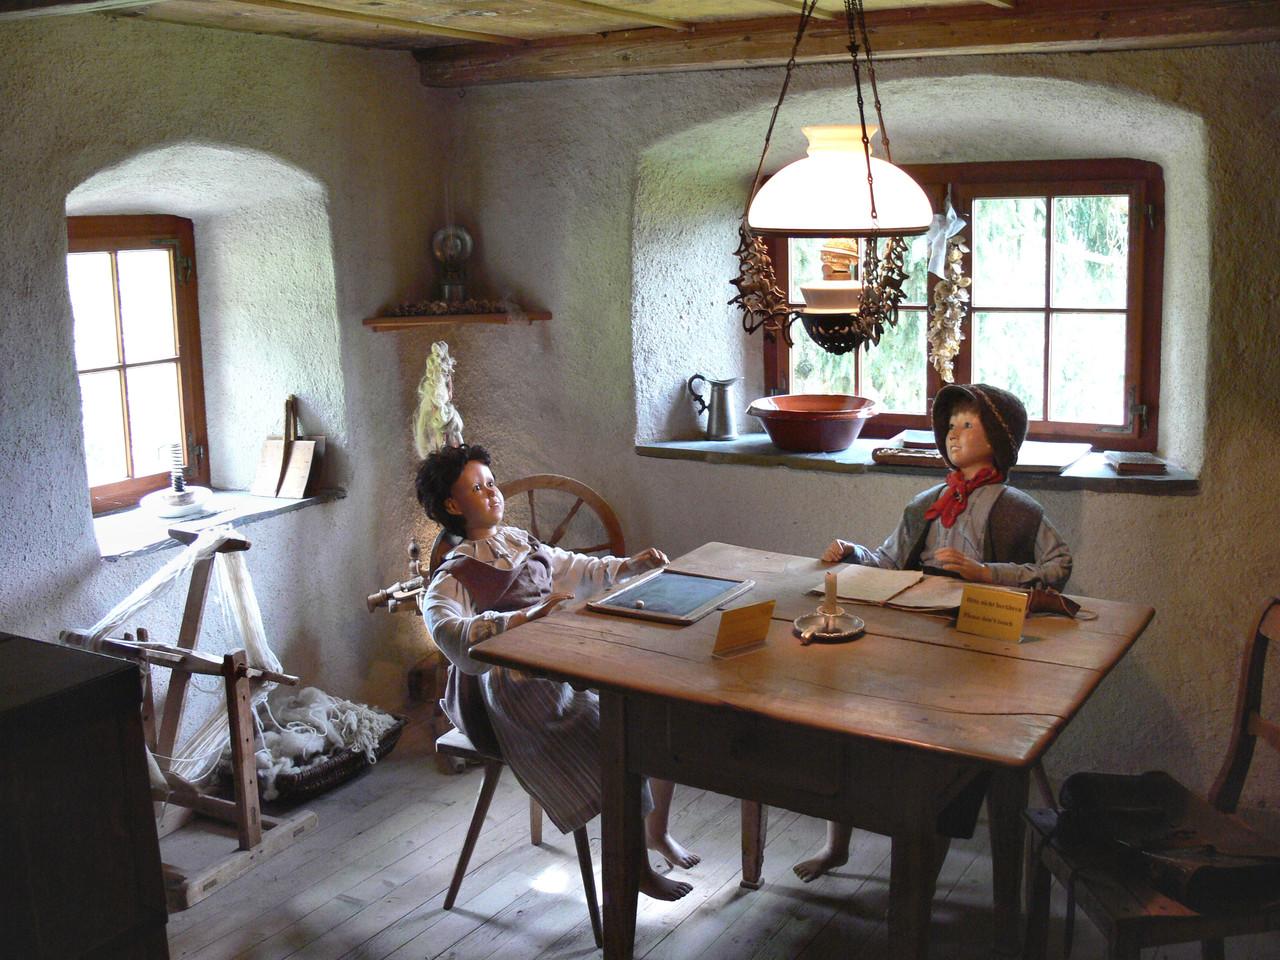 Heidis Haus im Heididorf